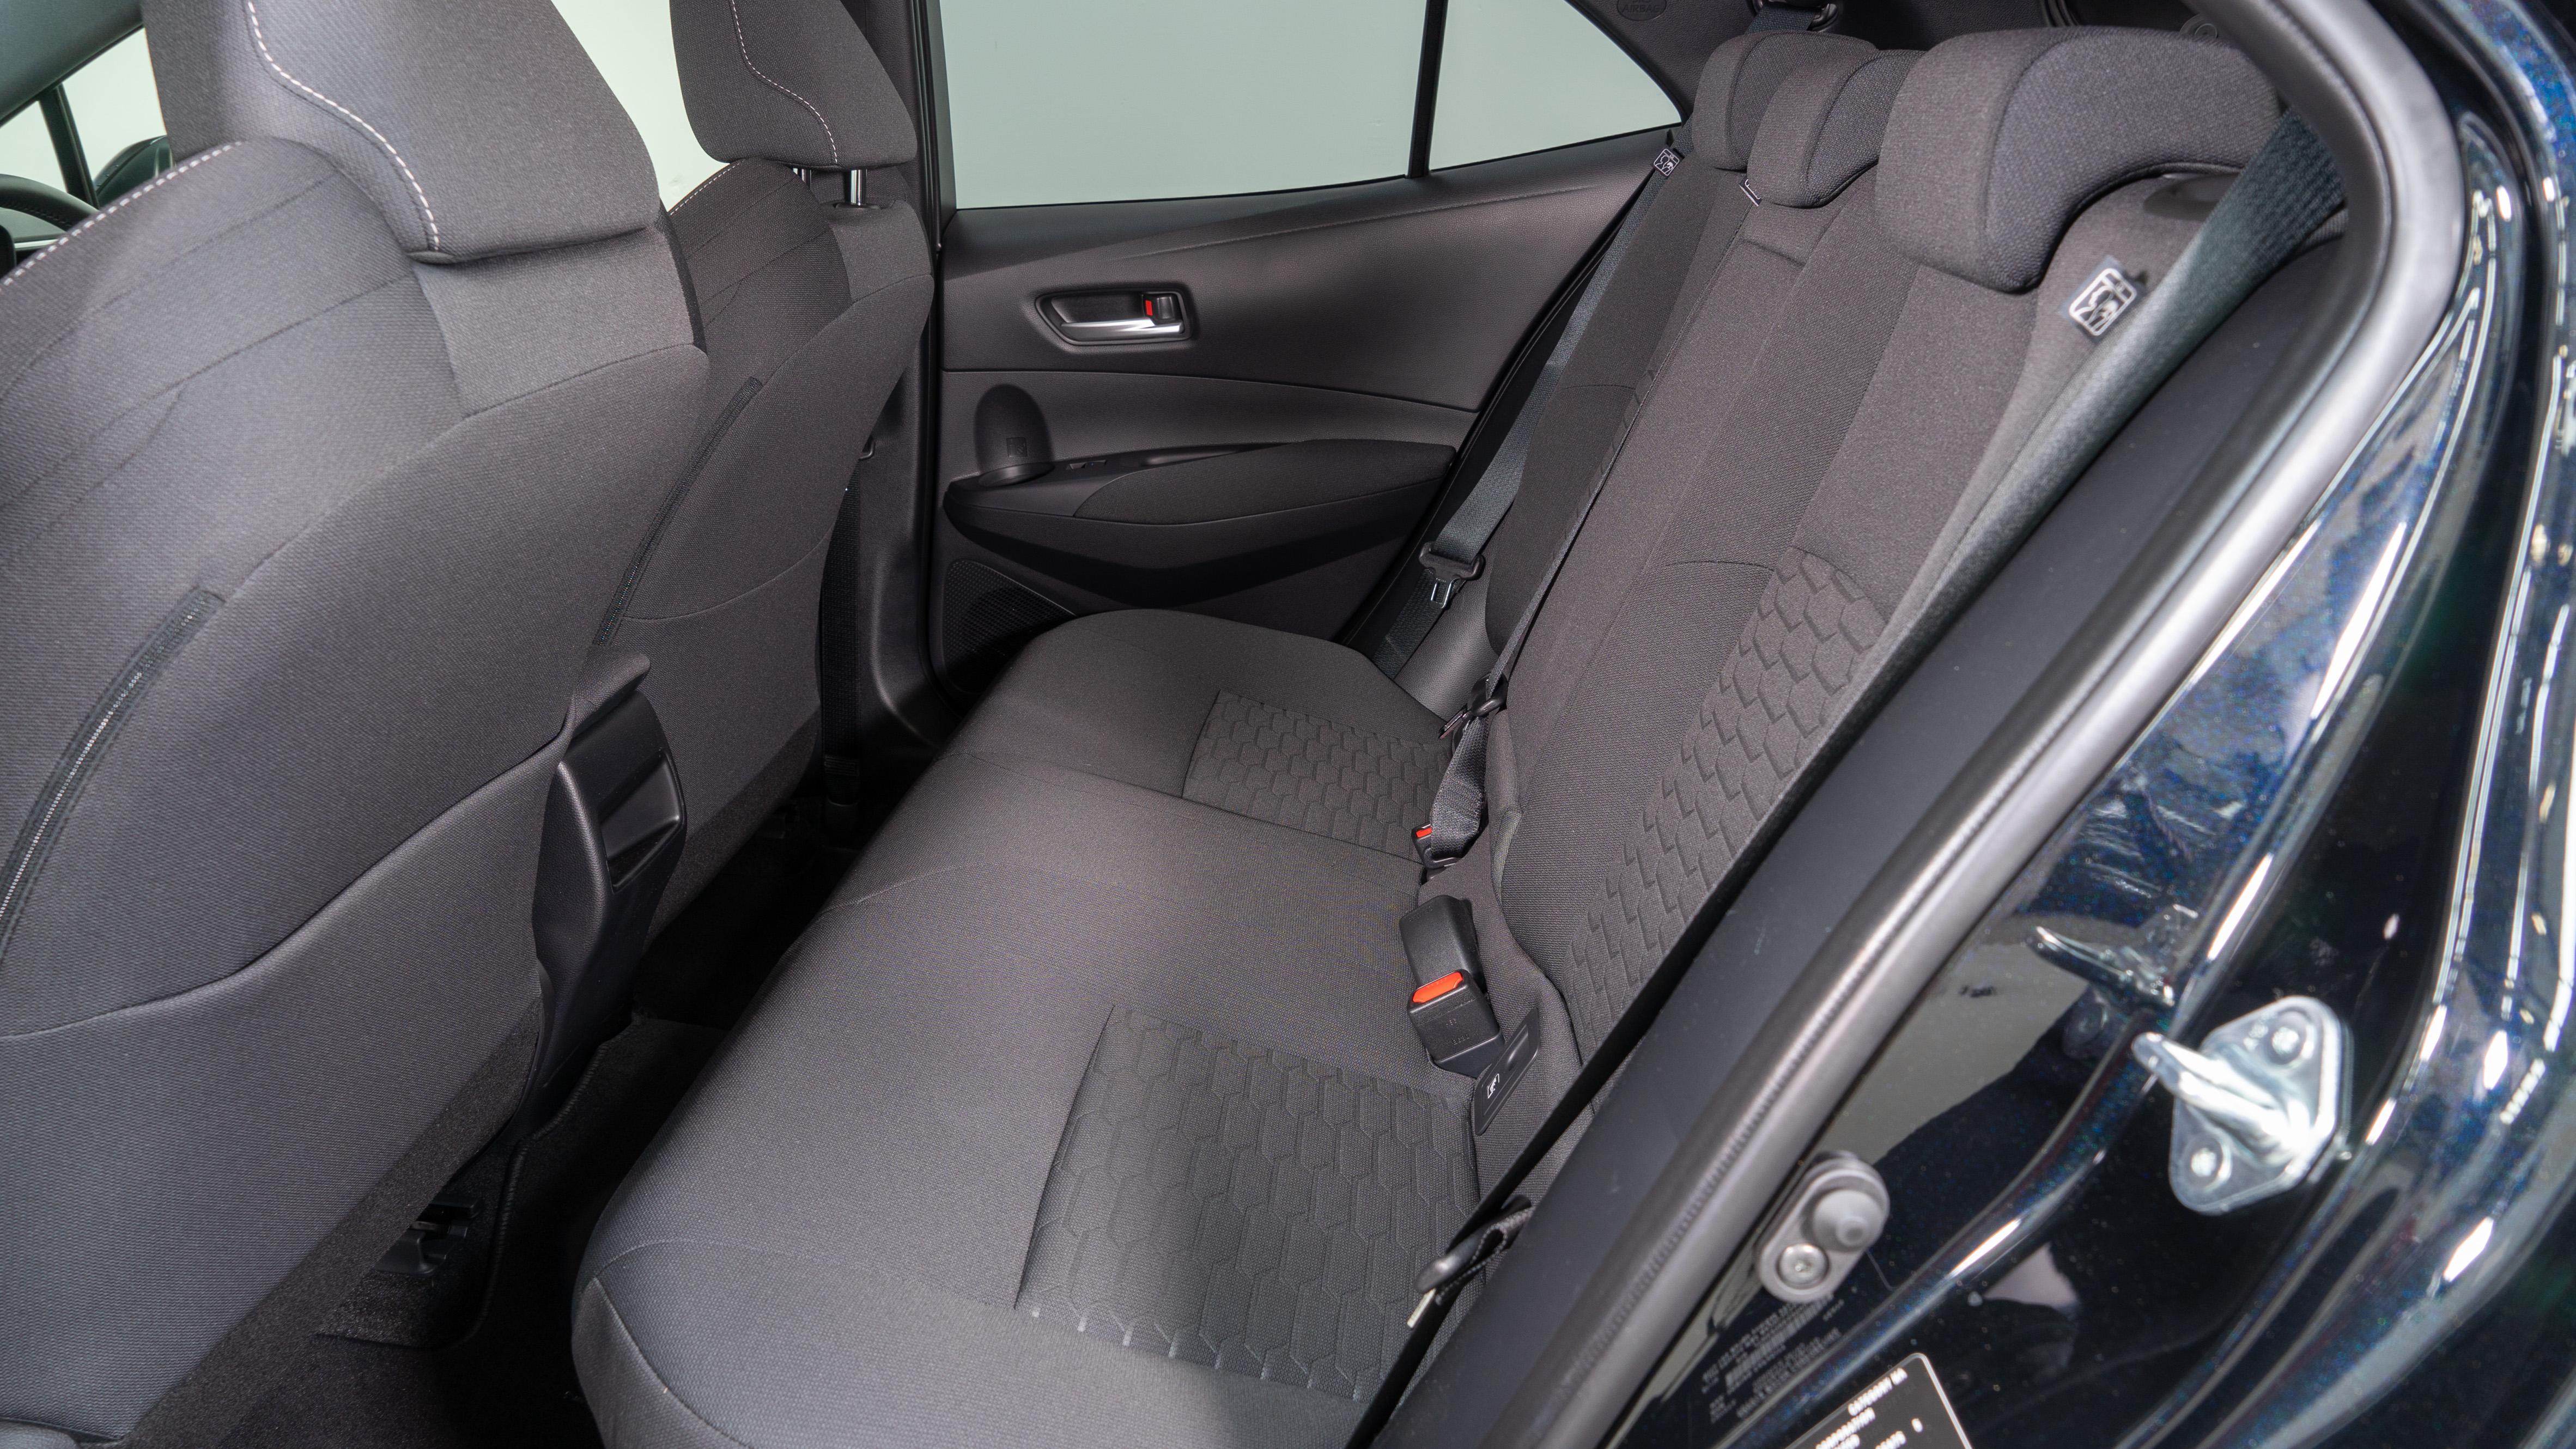 Corolla back seat